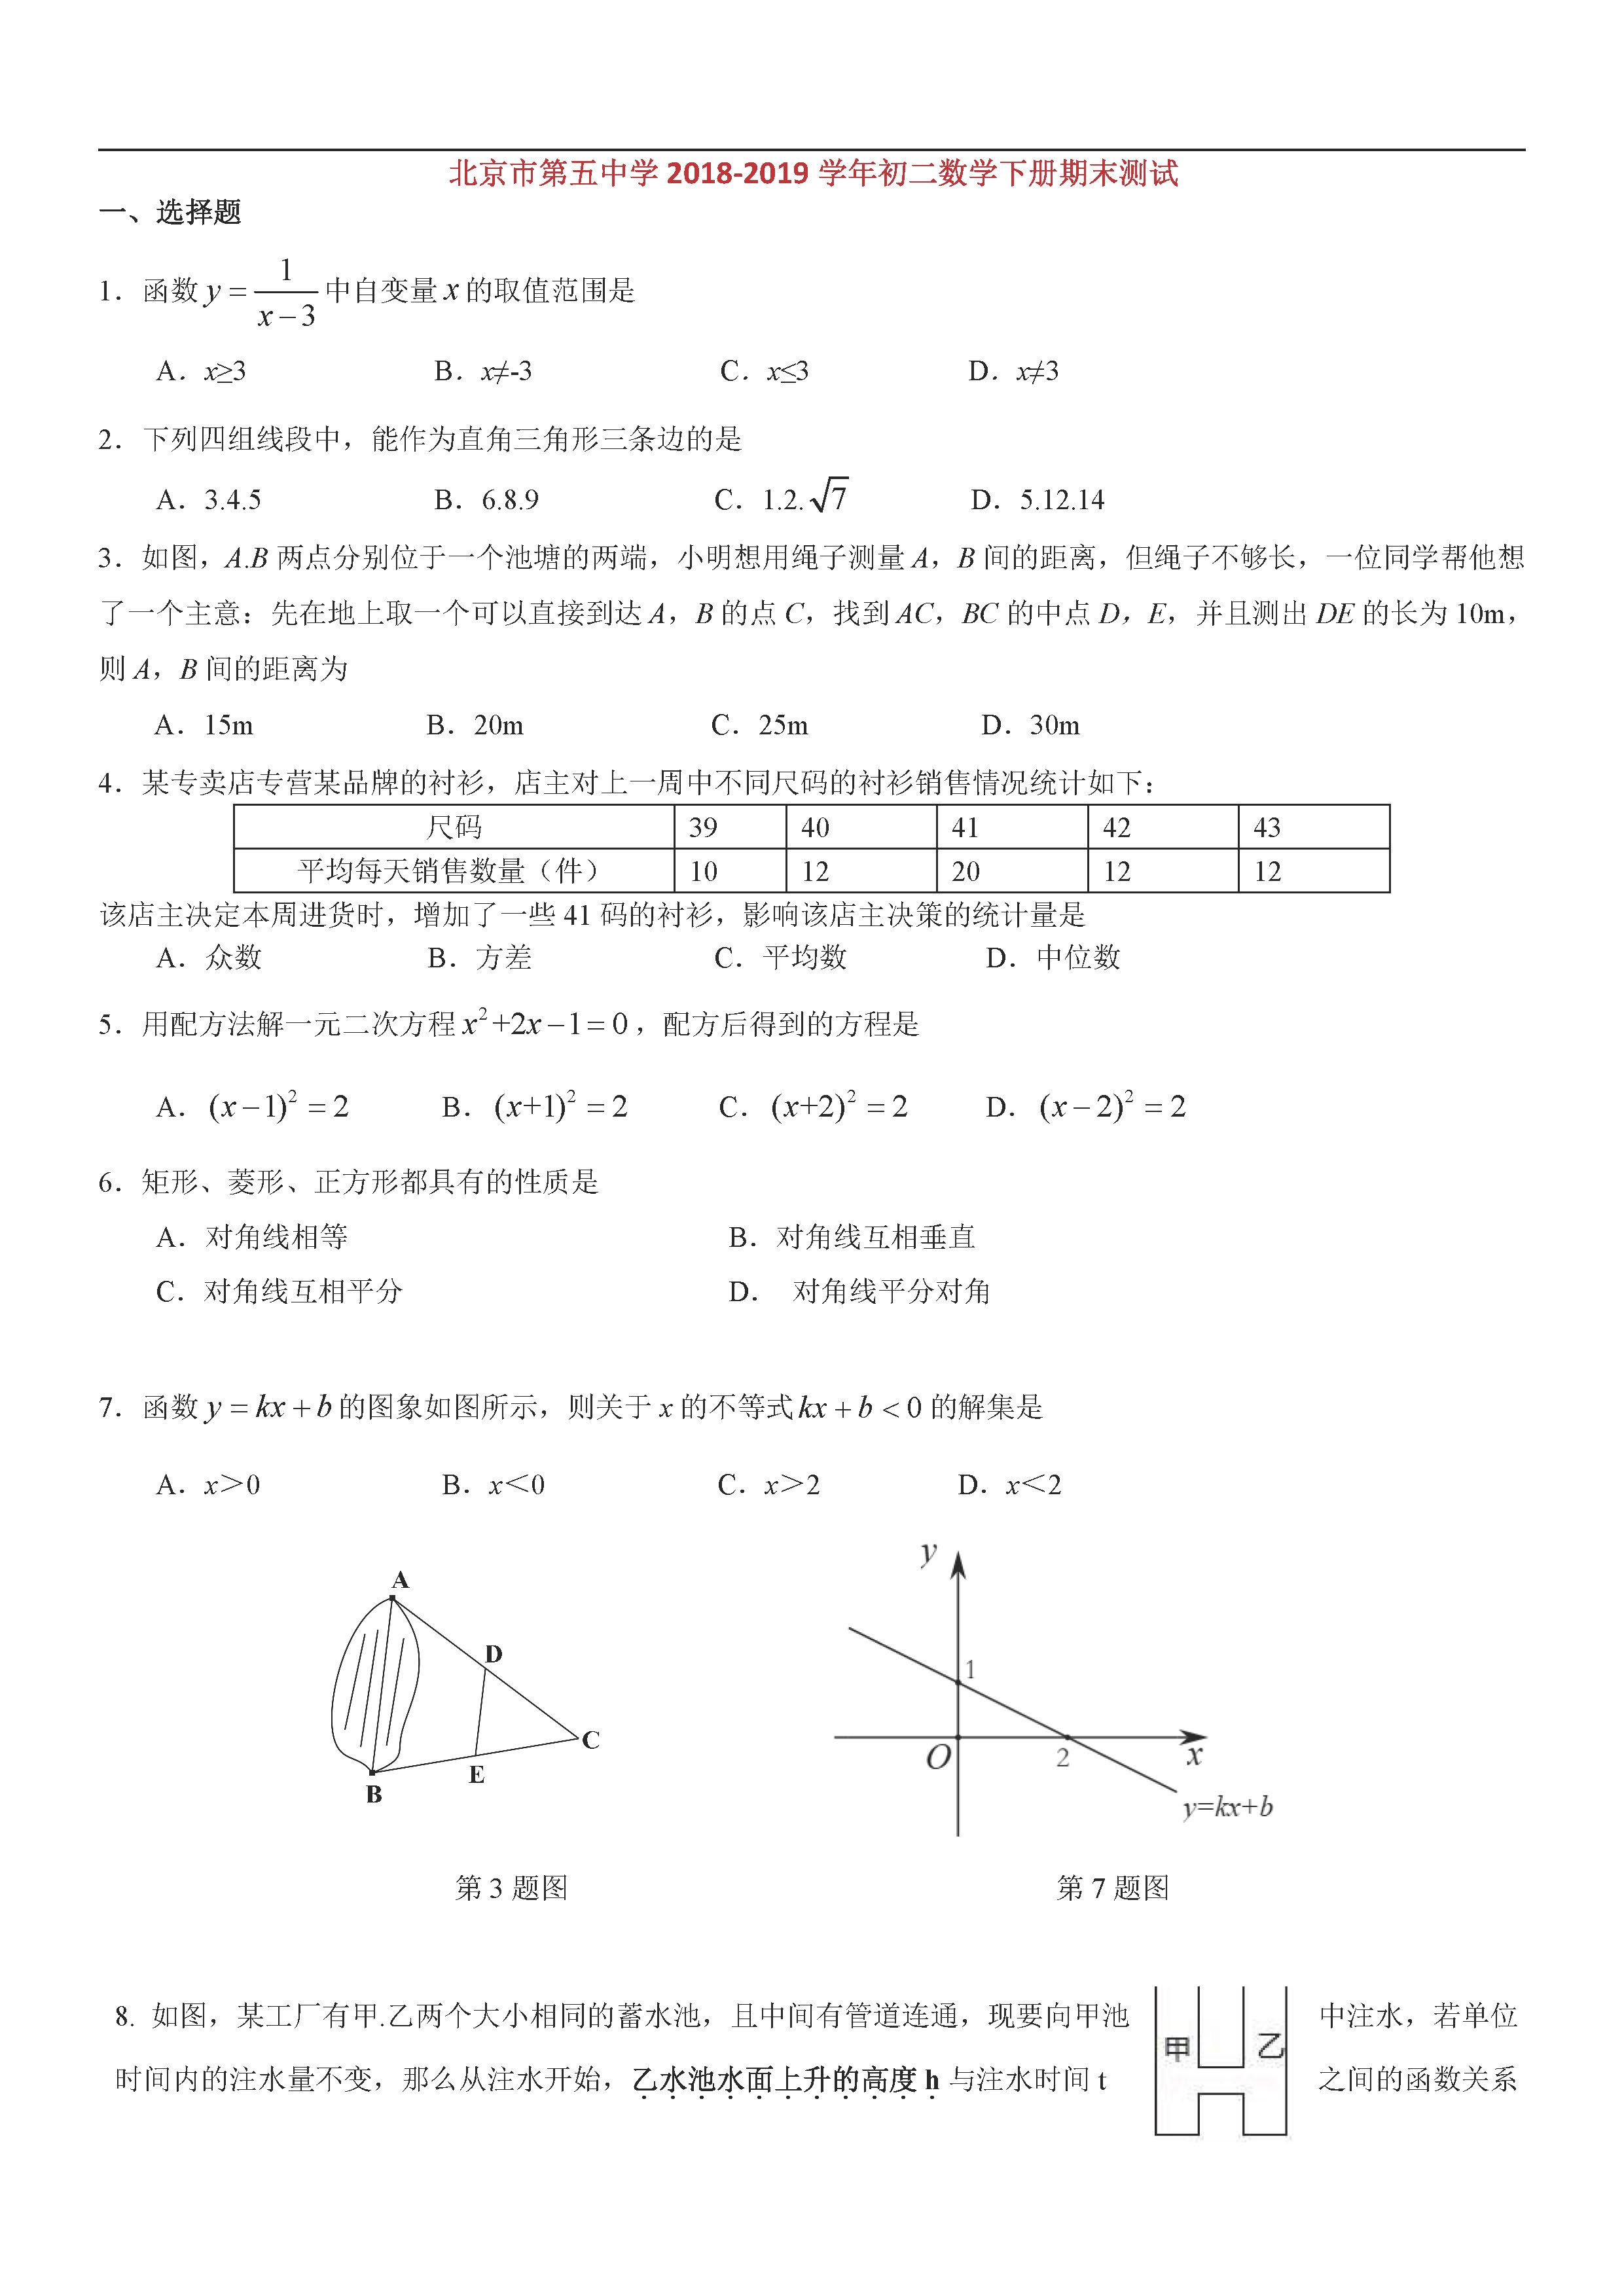 北京市五中2018-2019八年级数学下册期末测试题含答案